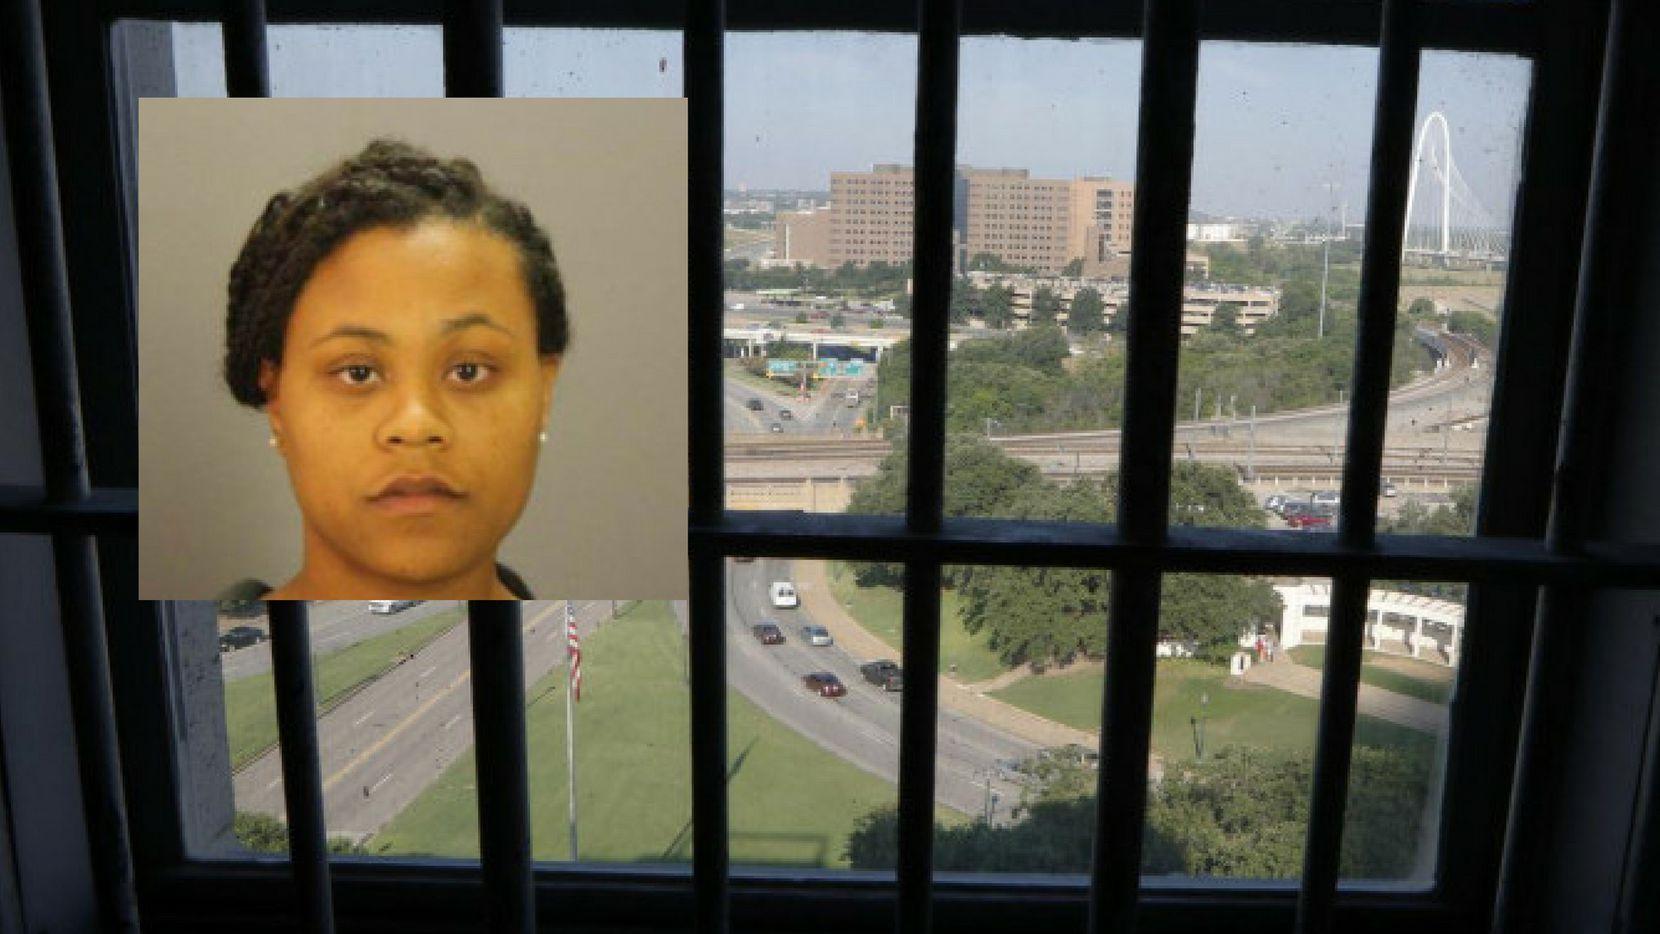 Una maestra fue arrestada por tener relaciones inapropiadas con un menor que estudiaba en la preparatoria Kimball. (DMN/DAVID WOO)